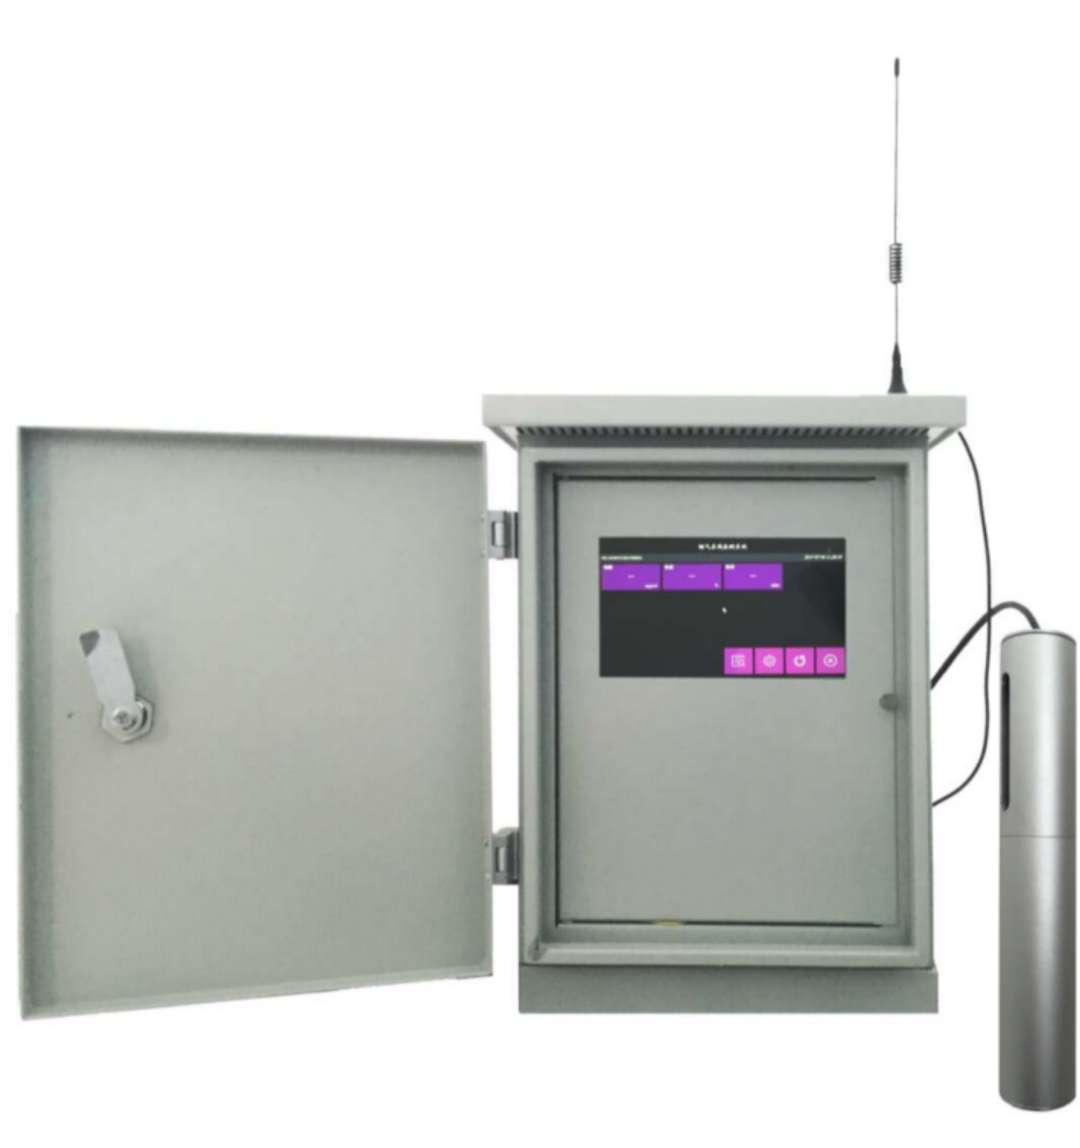 江苏油烟专用检测仪A河北油烟专用检测仪生产厂家